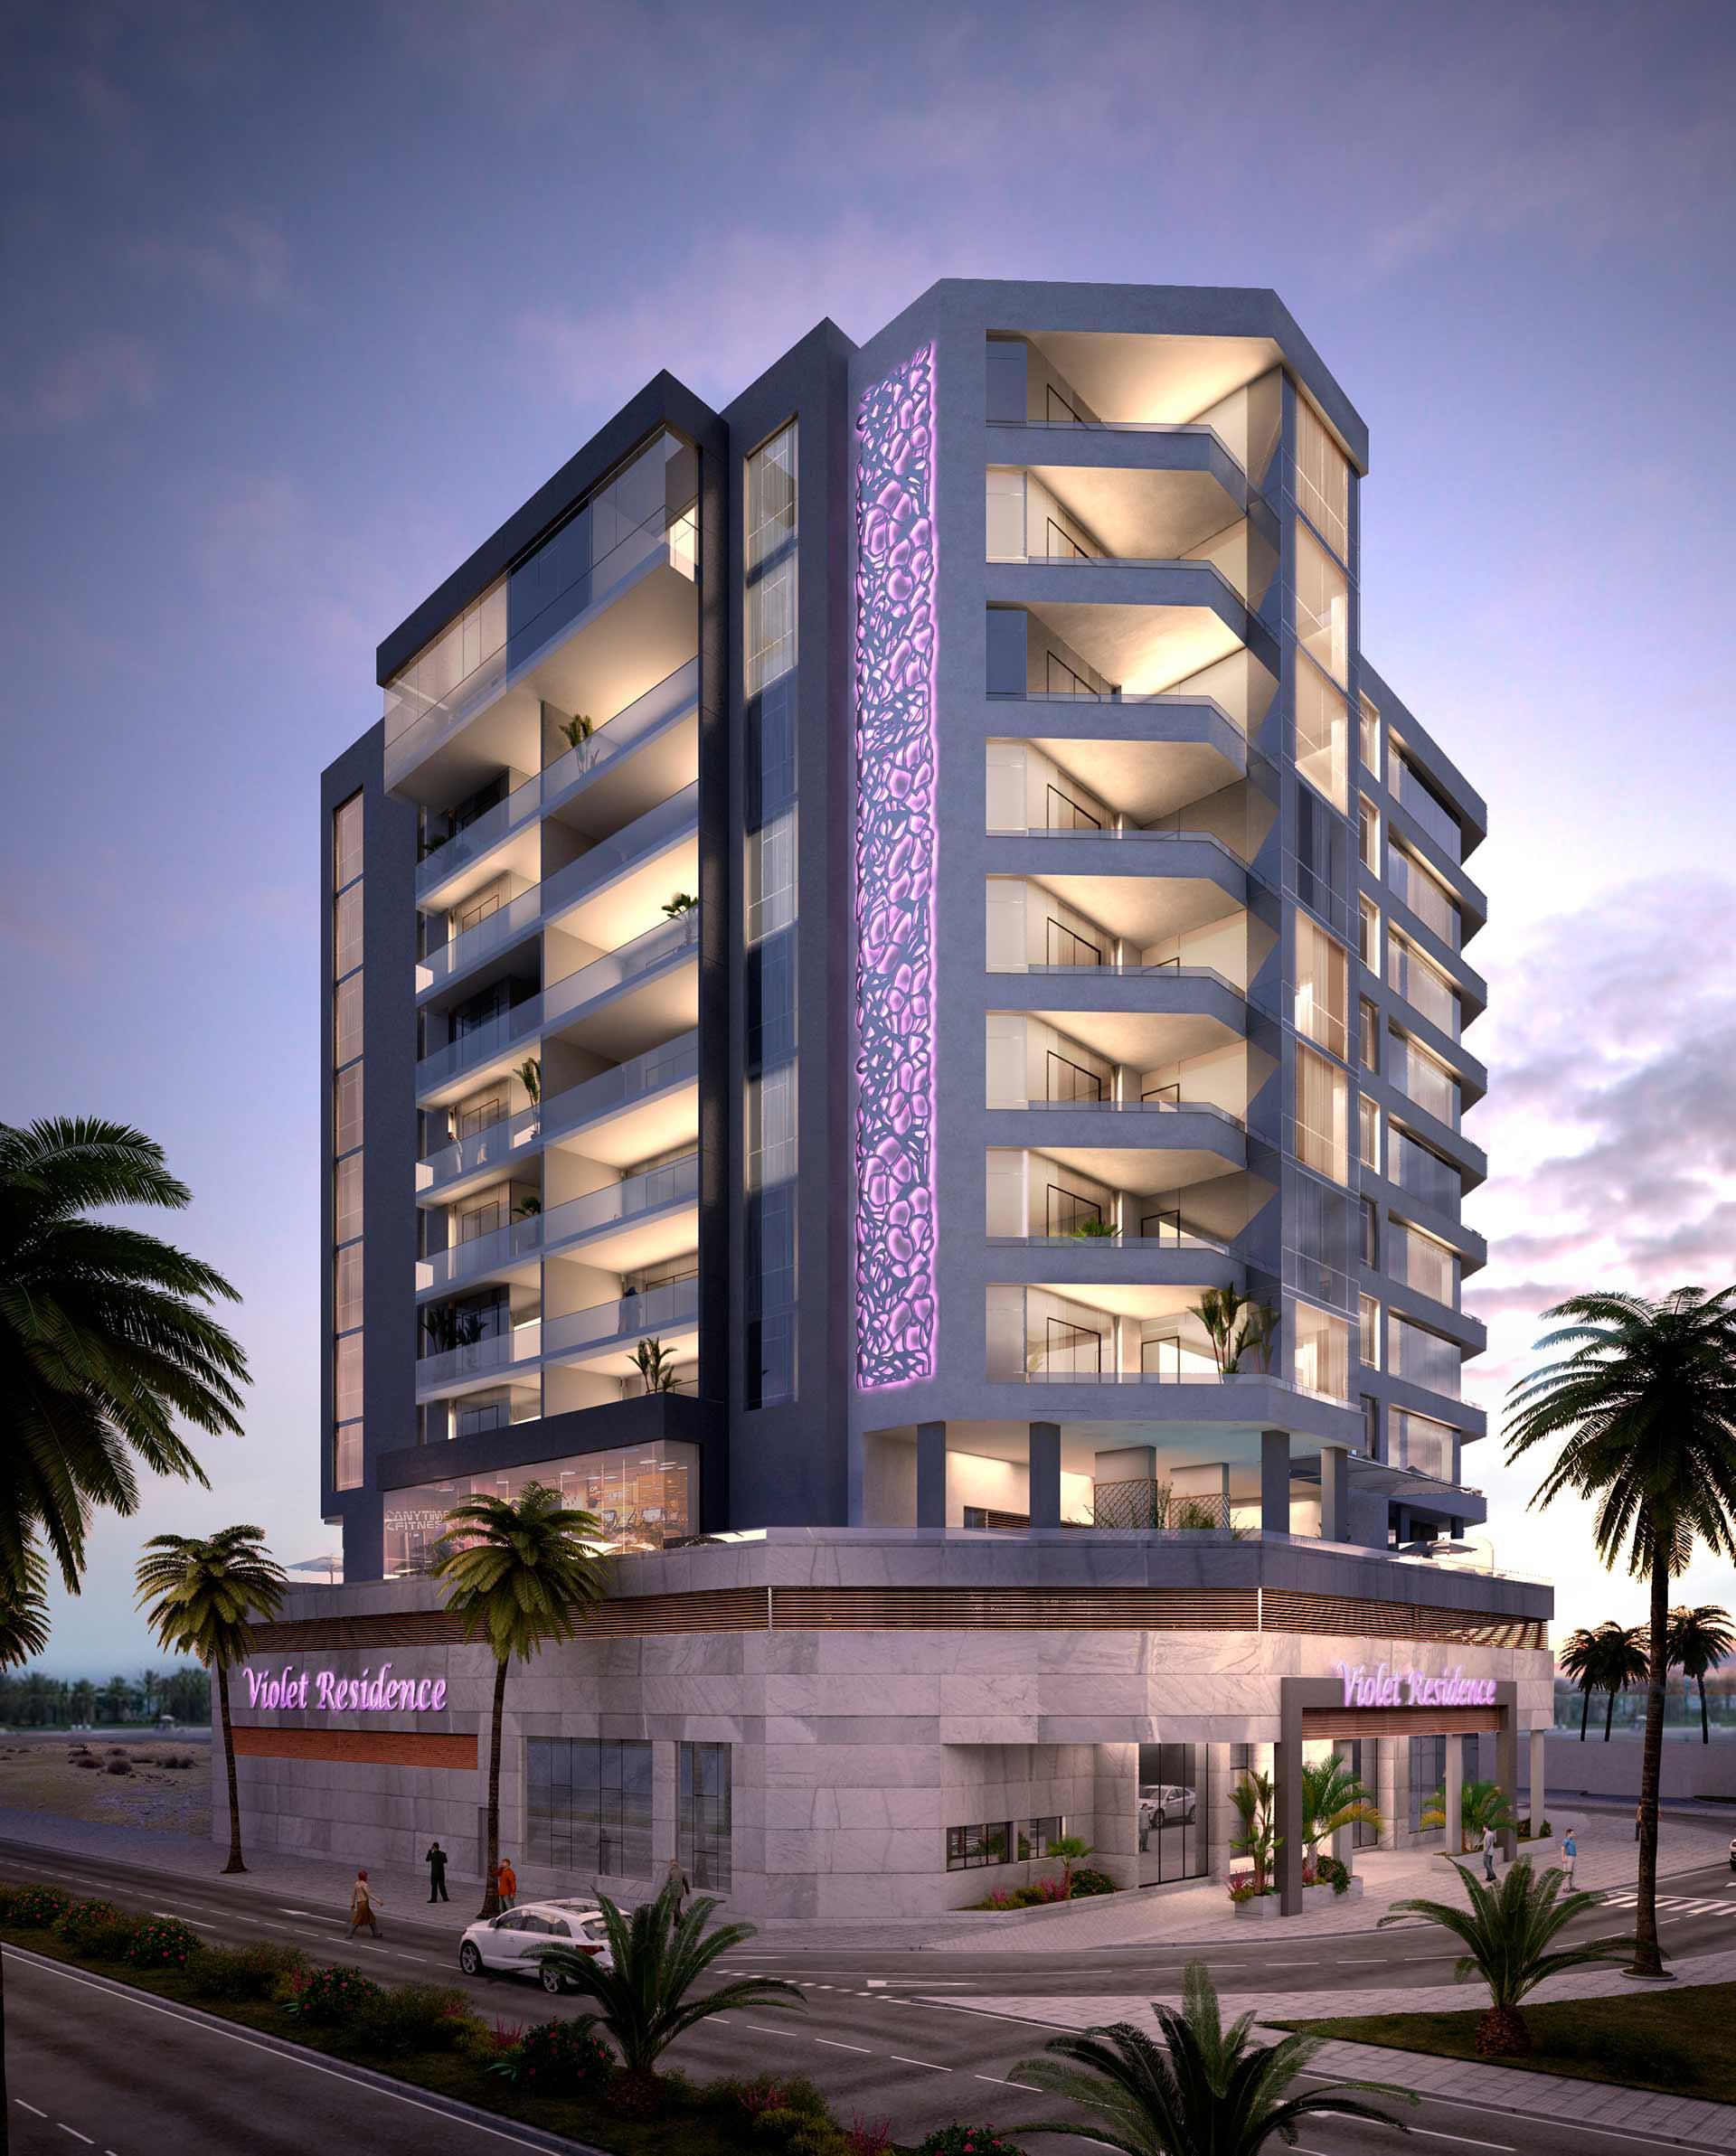 violet-residence (3)